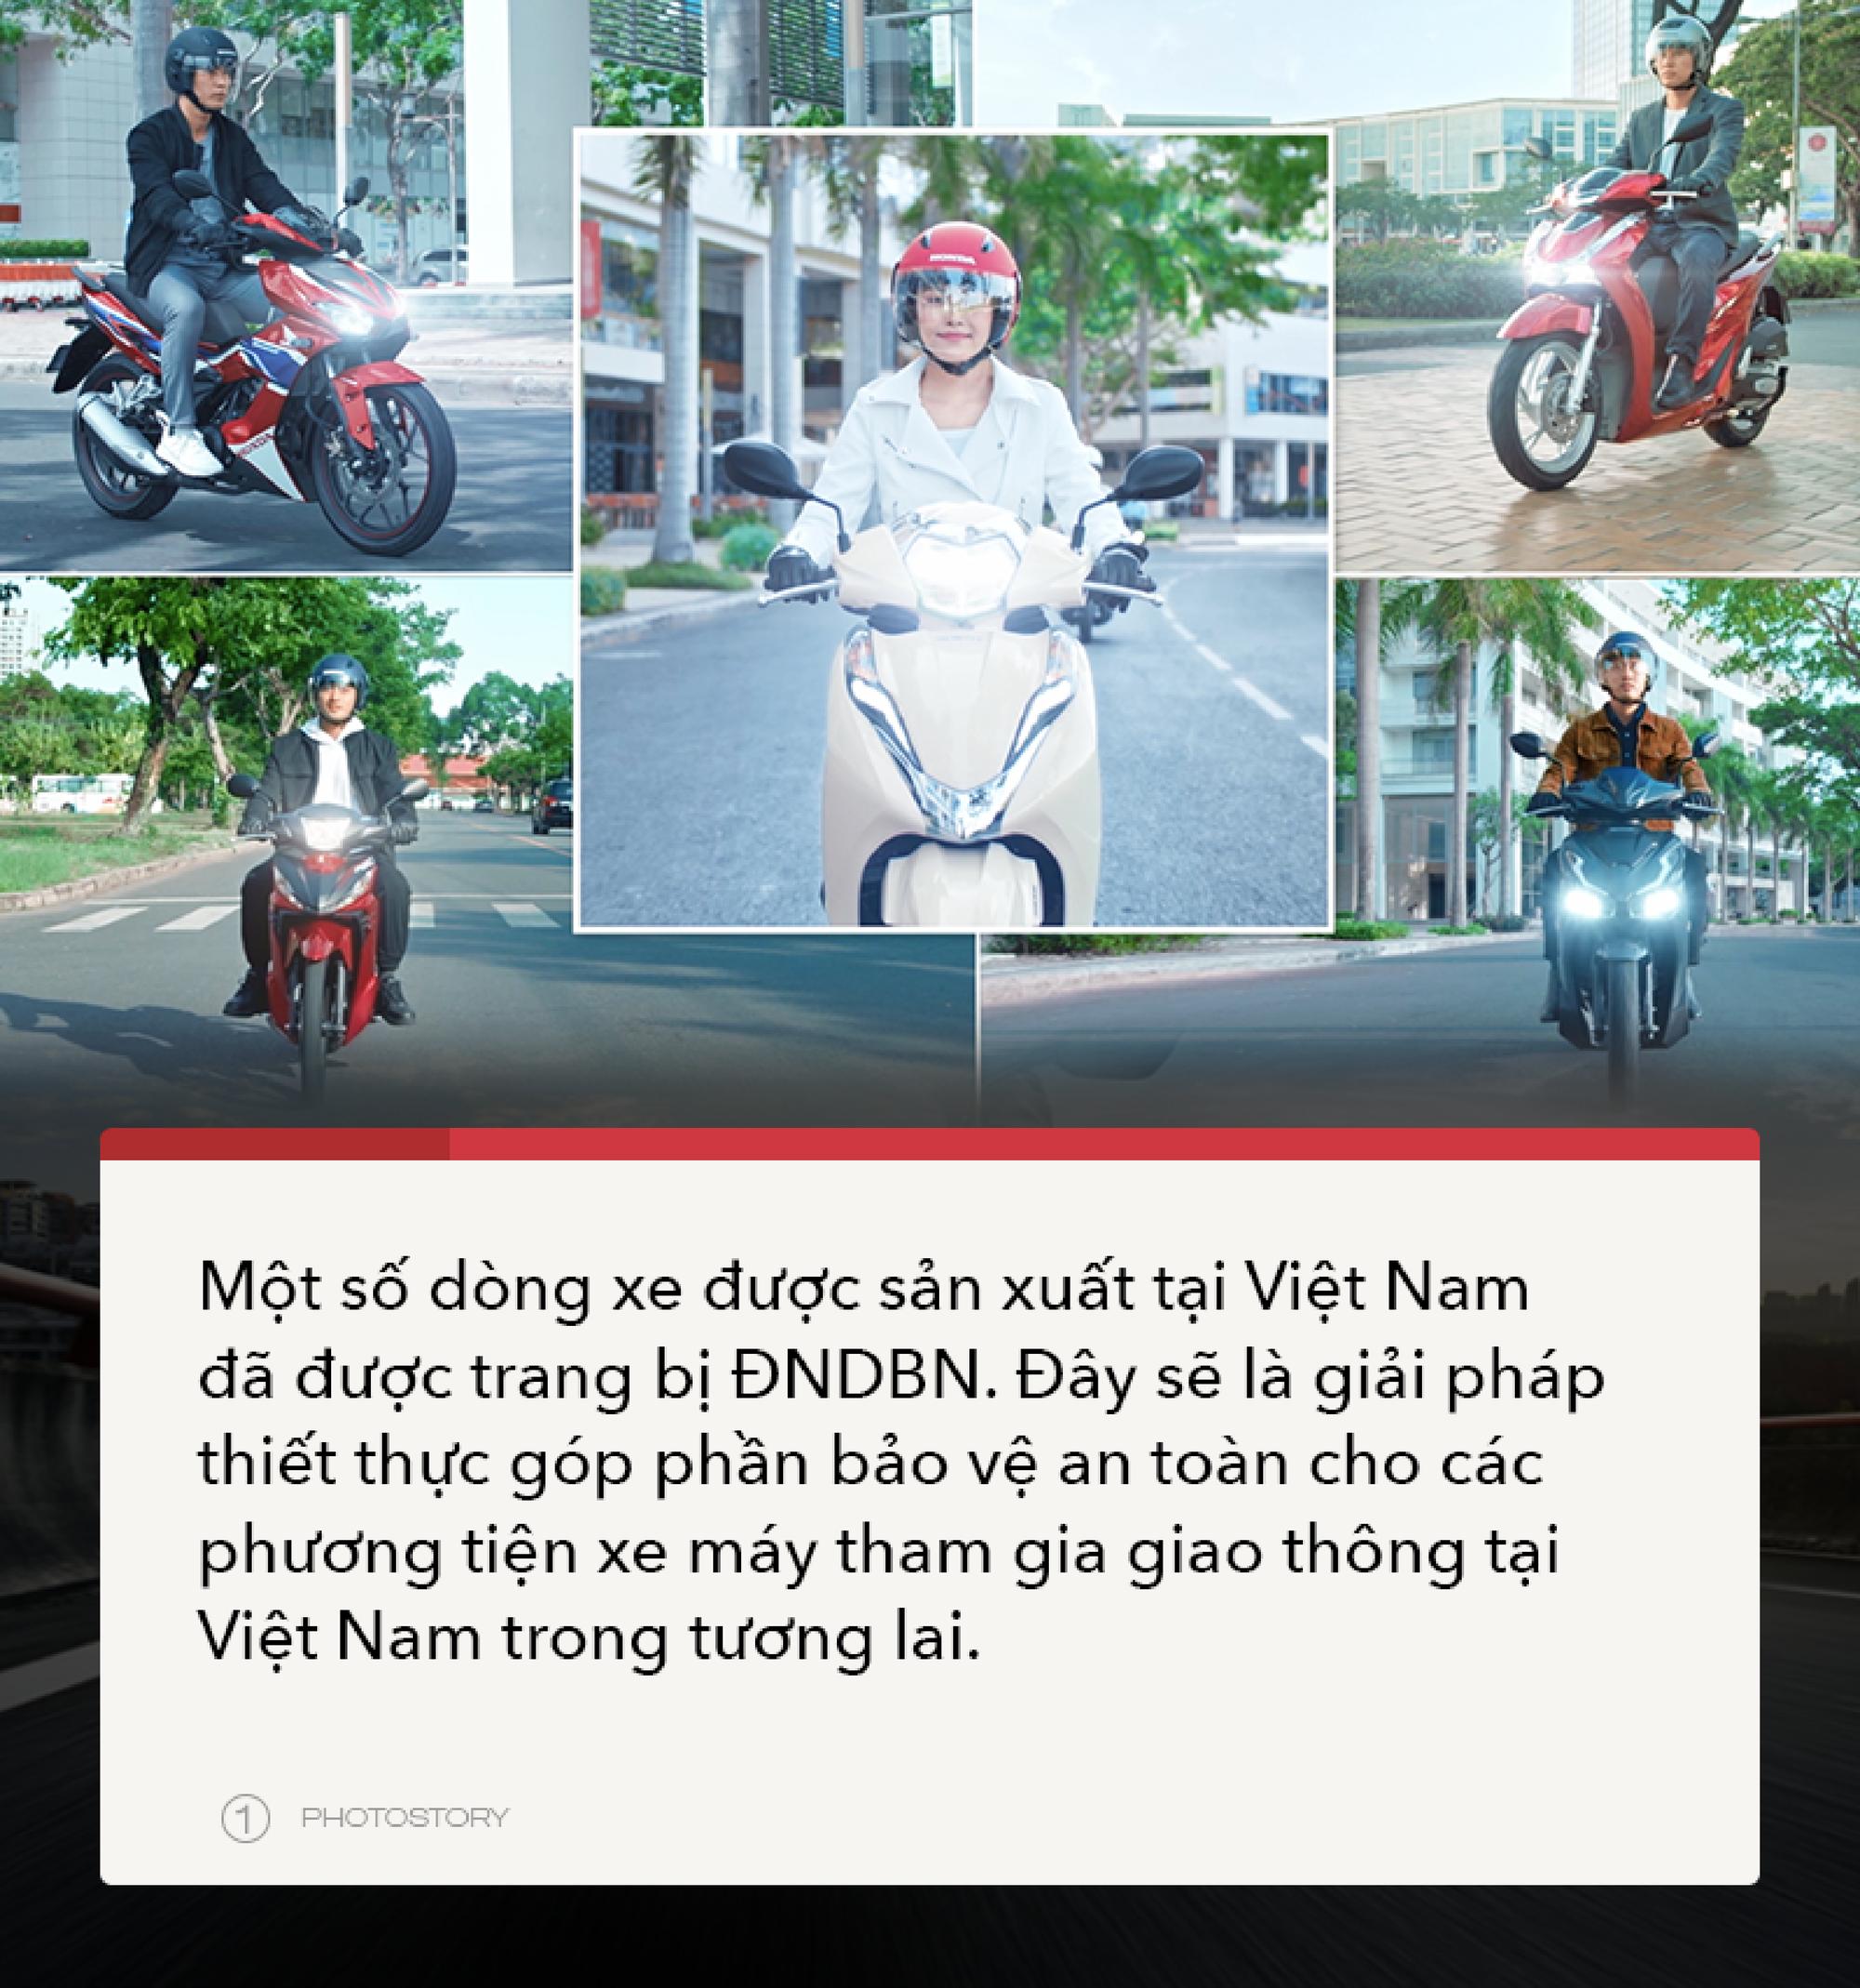 Đèn nhận diện ban ngày, xu hướng dần trở nên phổ biến tại Việt Nam - Ảnh 7.